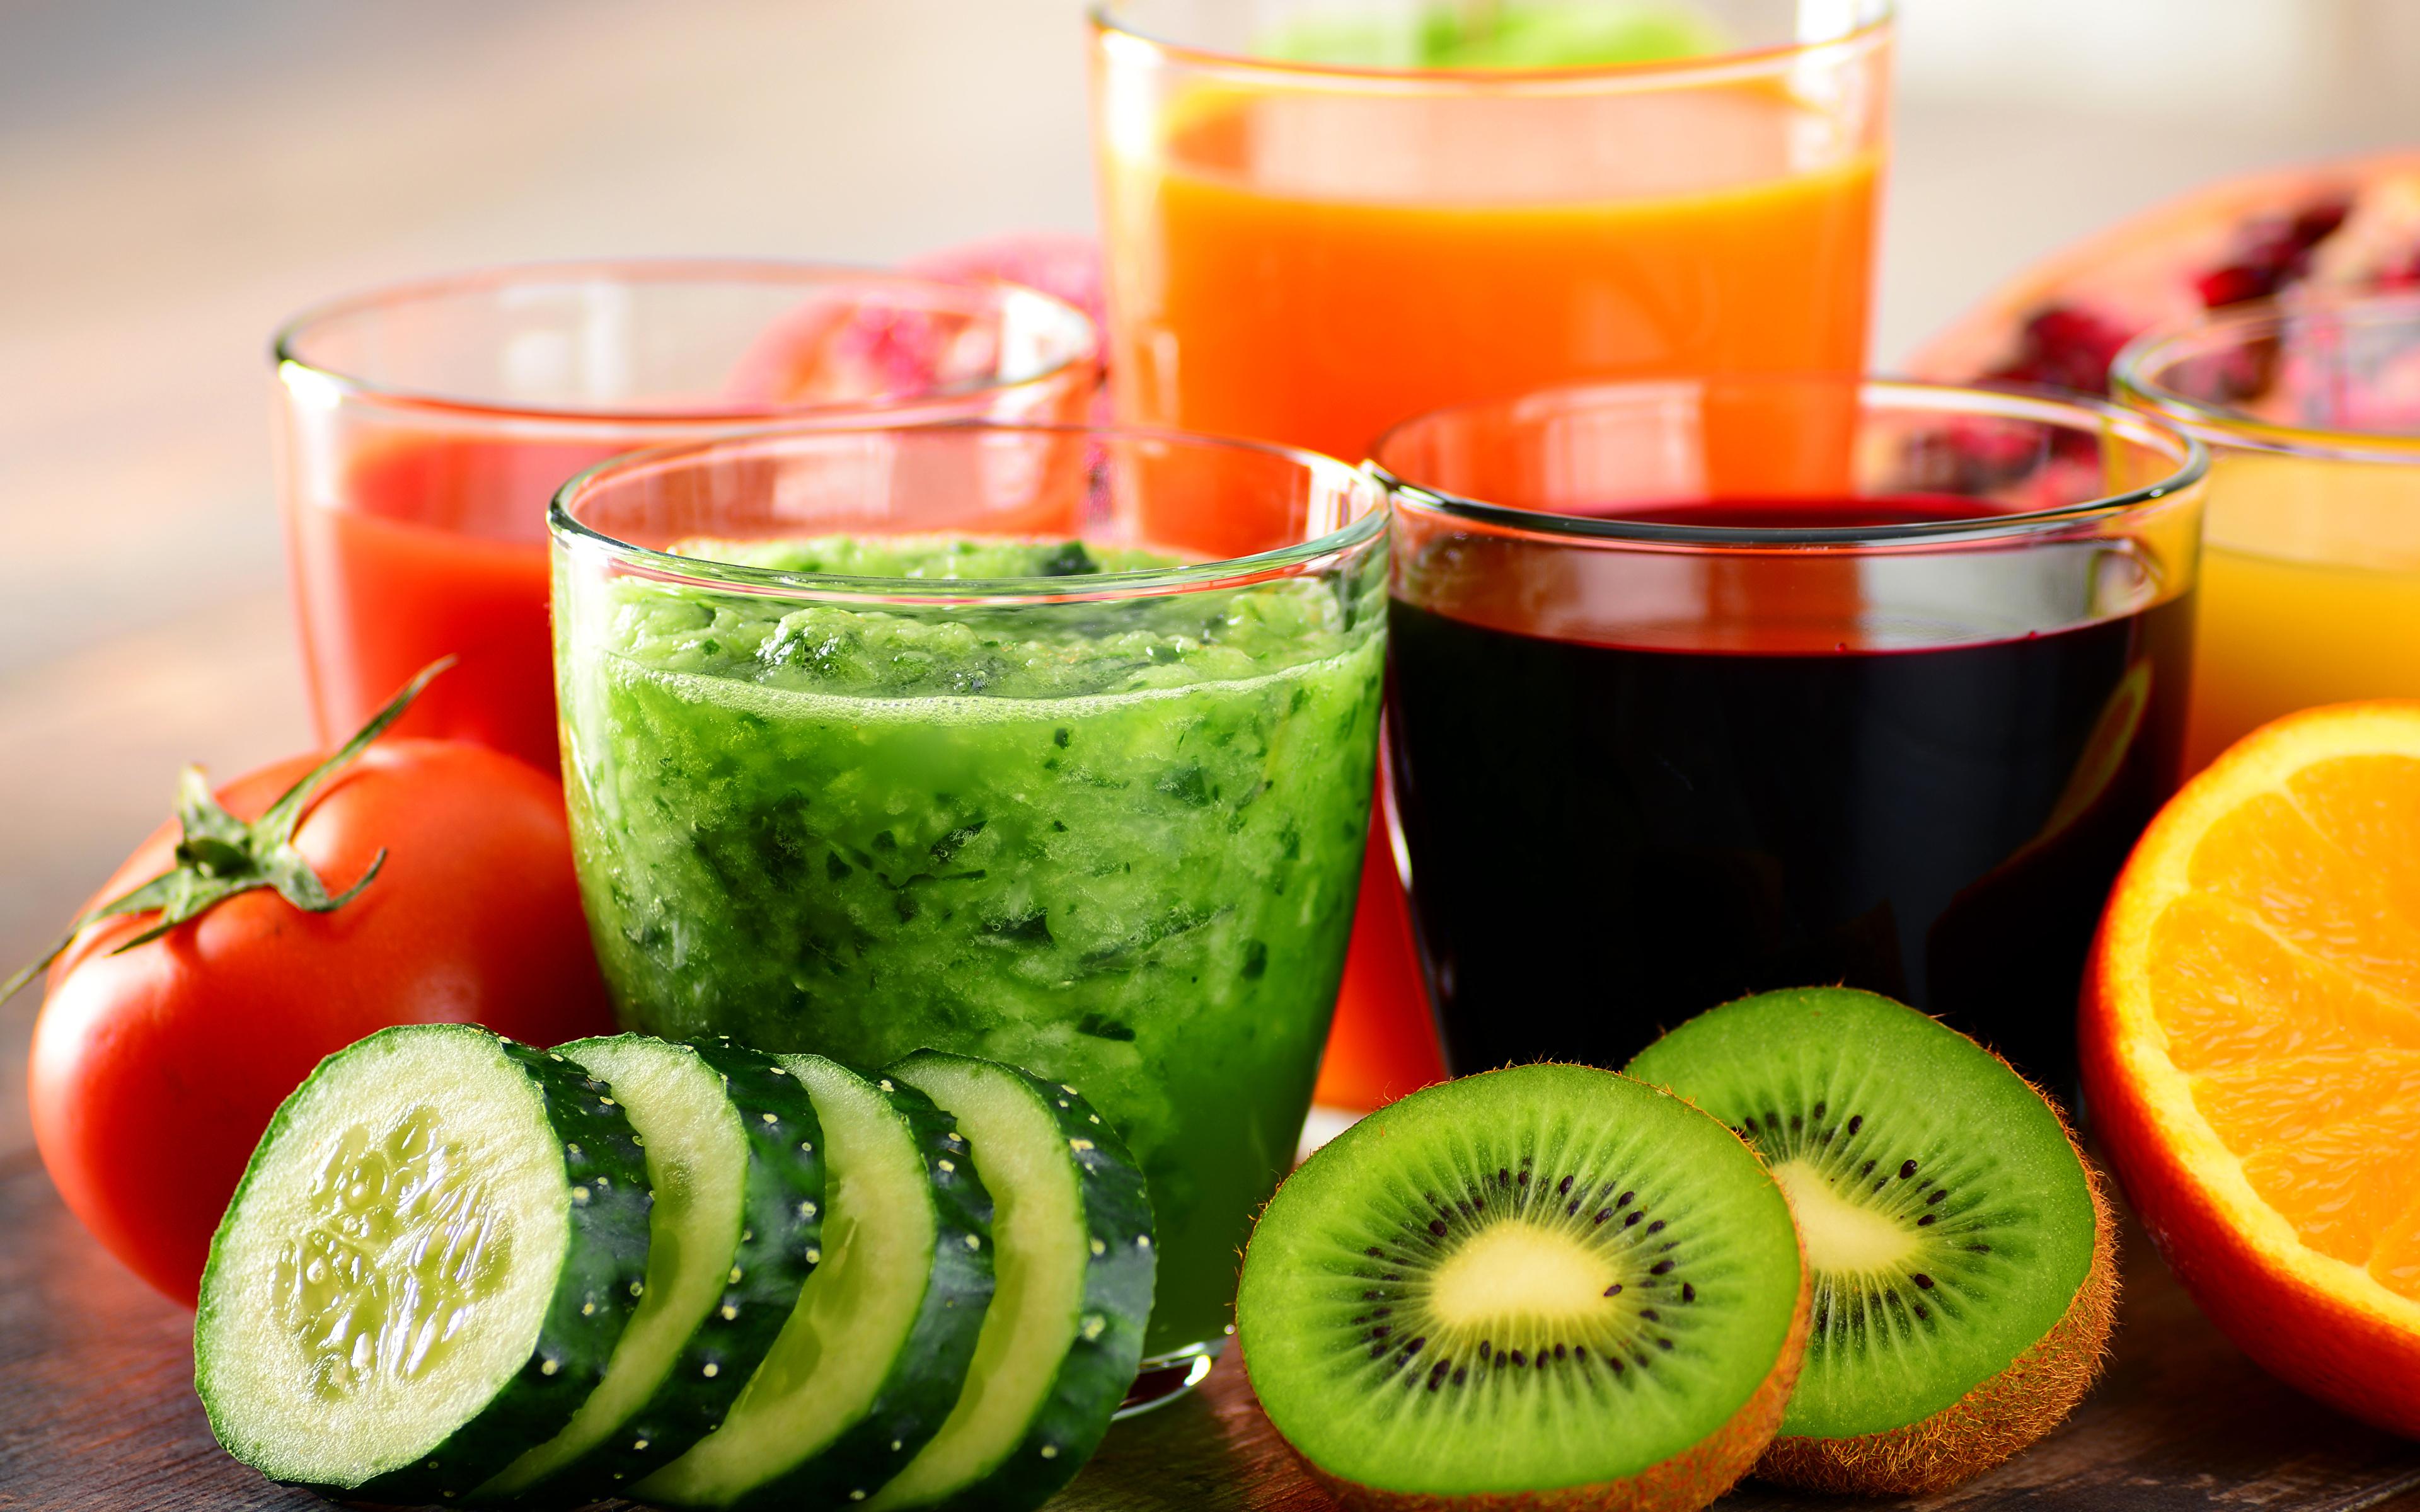 Как приготовить сок в домашних условиях? Агропромышленный 58